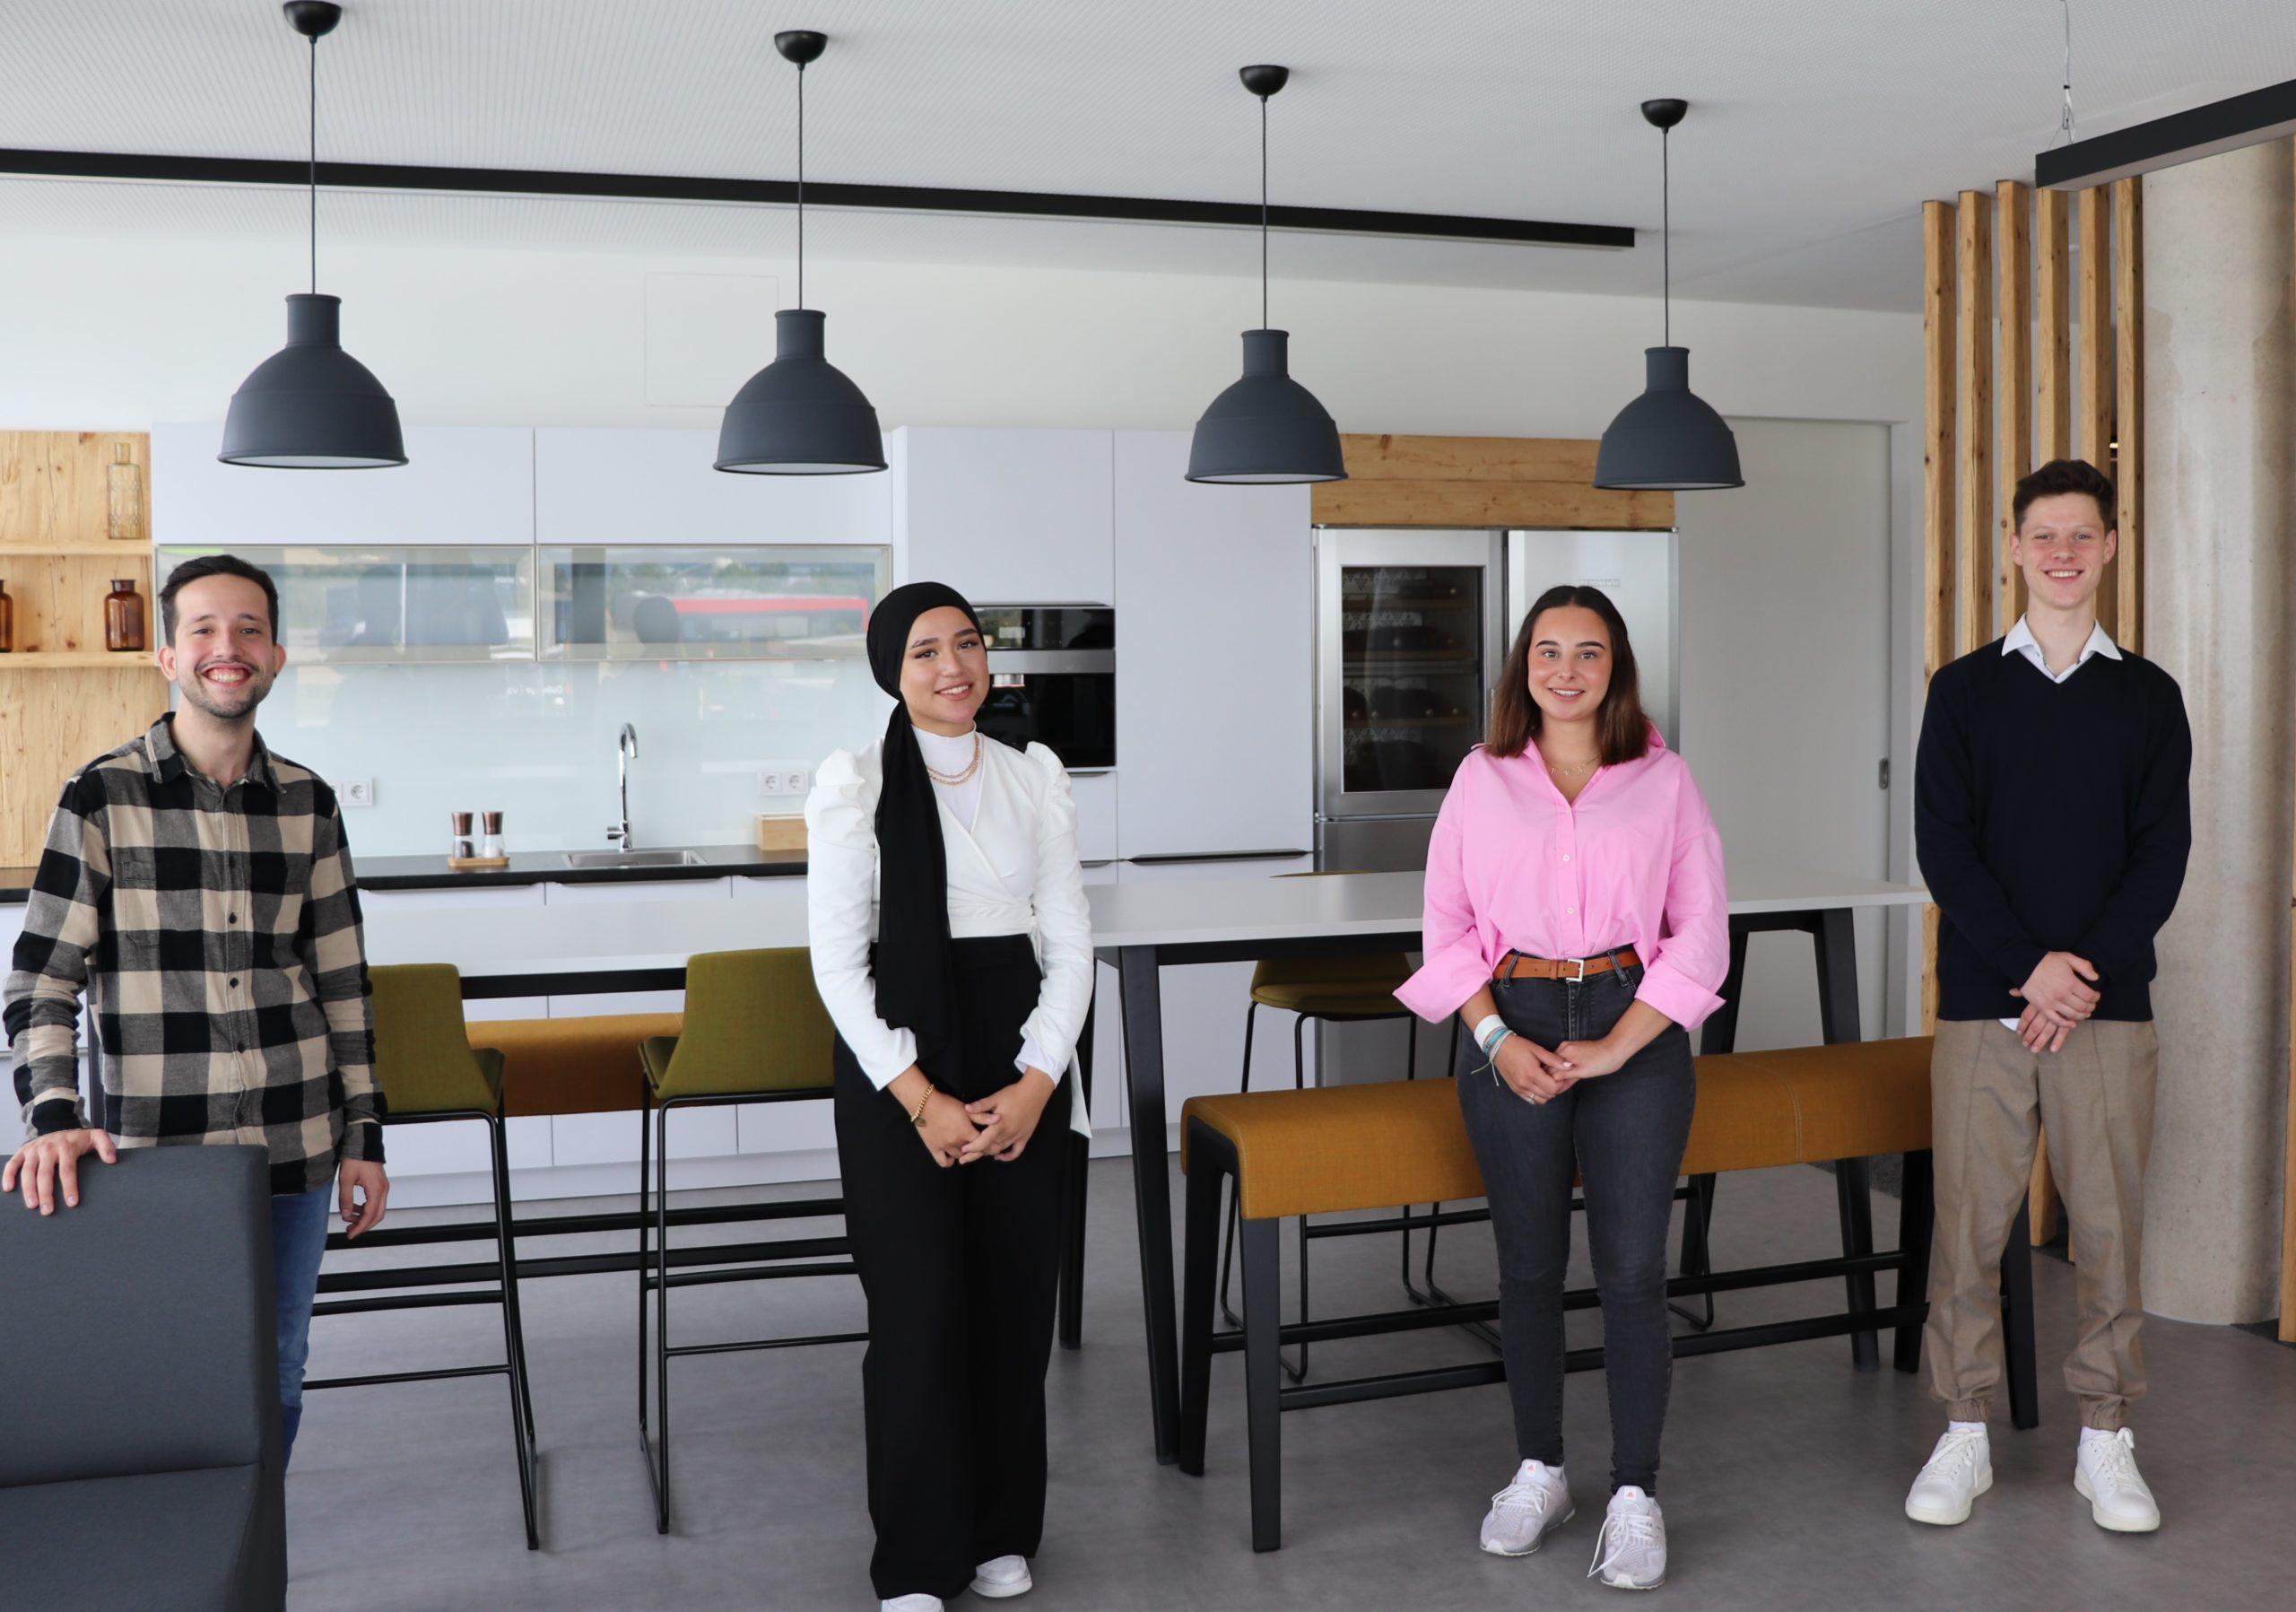 Ausbildungsleitung Maximilano Sisto (links) begrüßt die drei neuen Auszubildenden herzlich im HONORA-Team